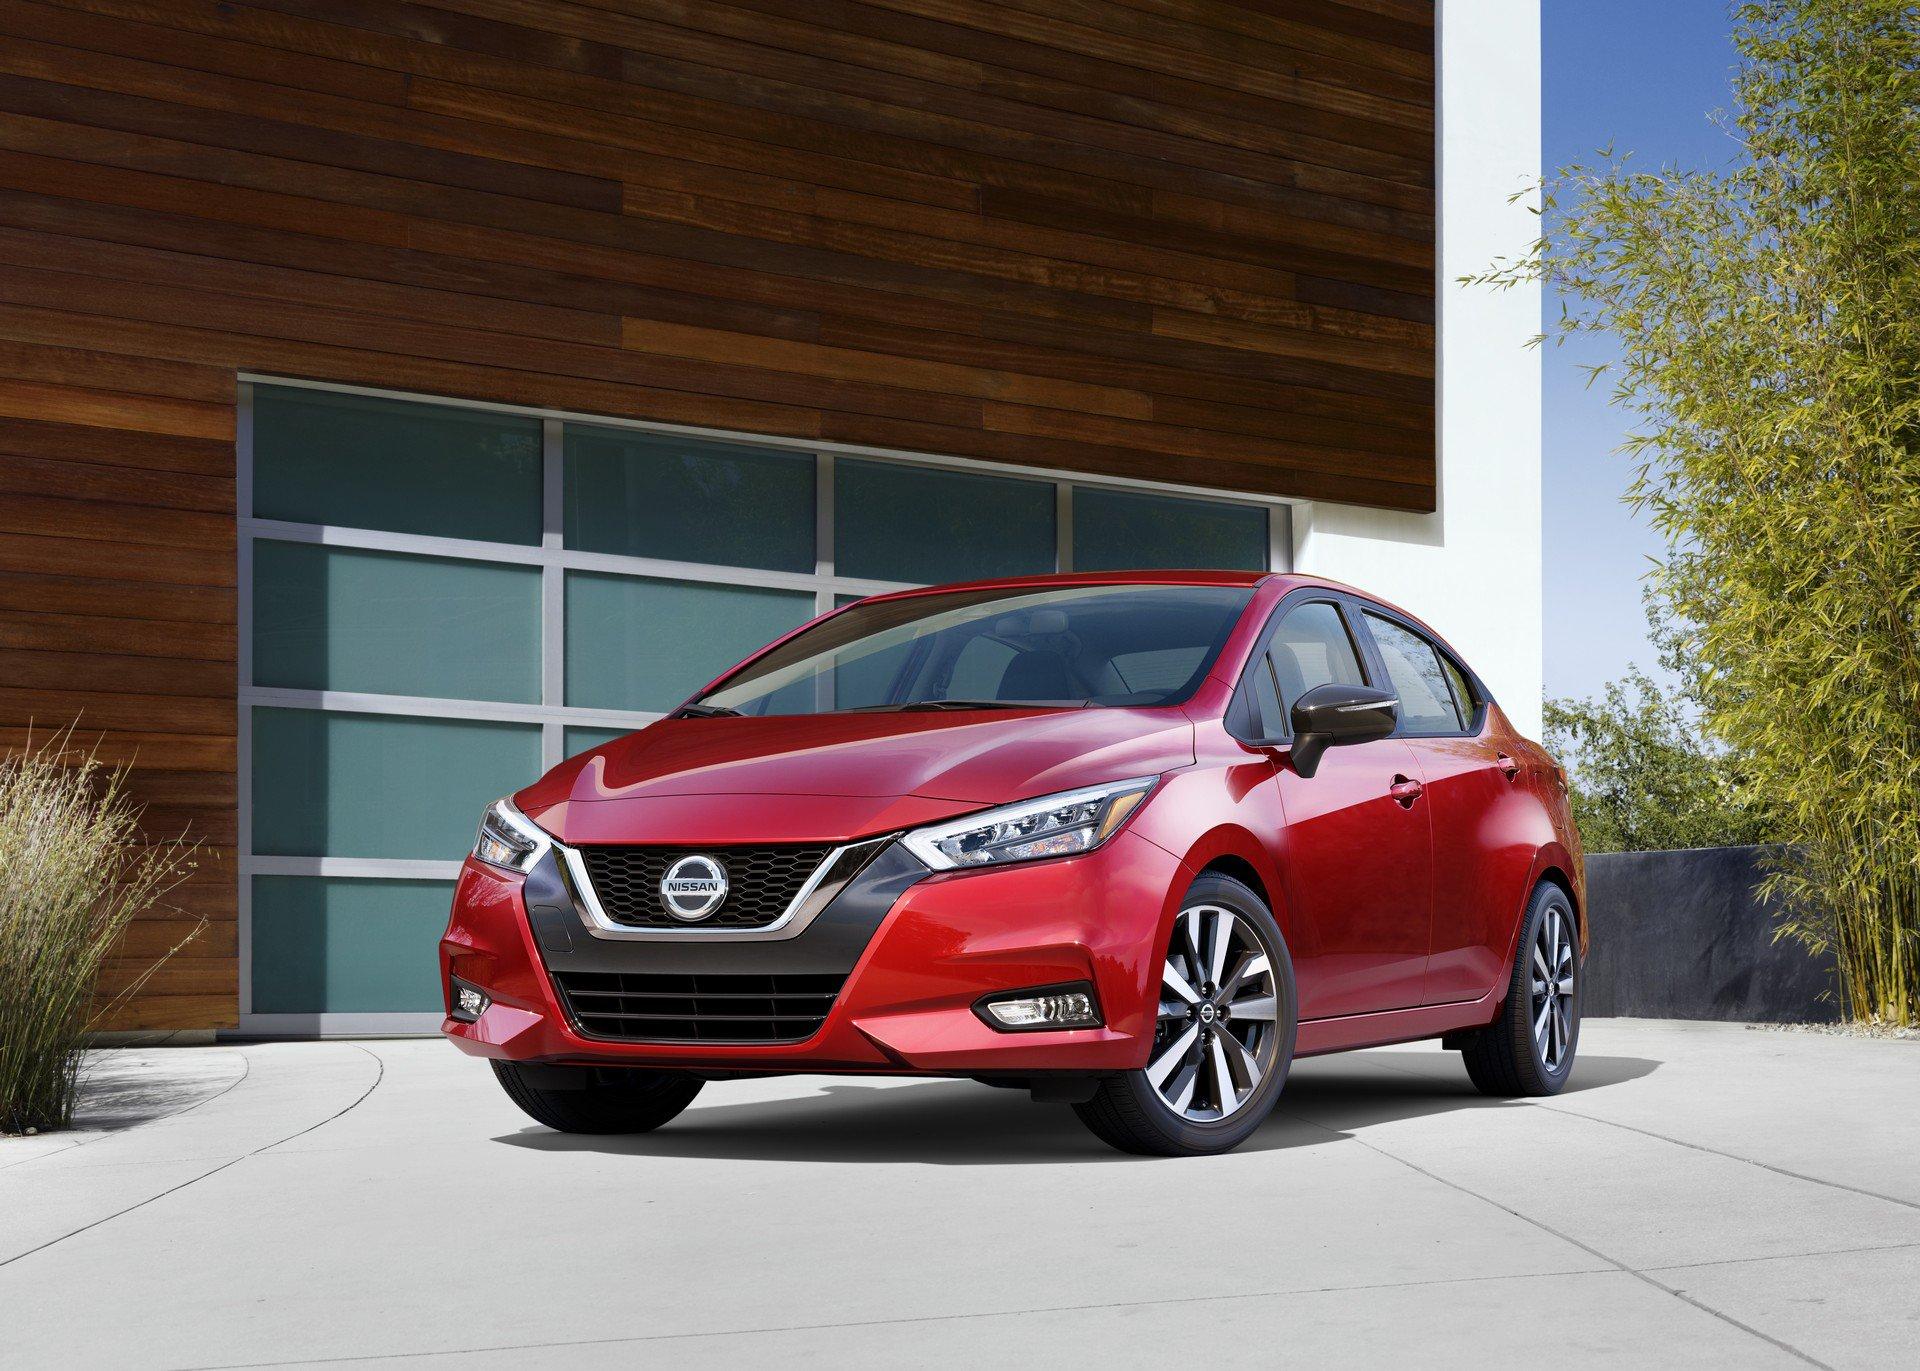 O Nissan Versa 2020 abandonou o design tido como antiquado e ficou mais moderno